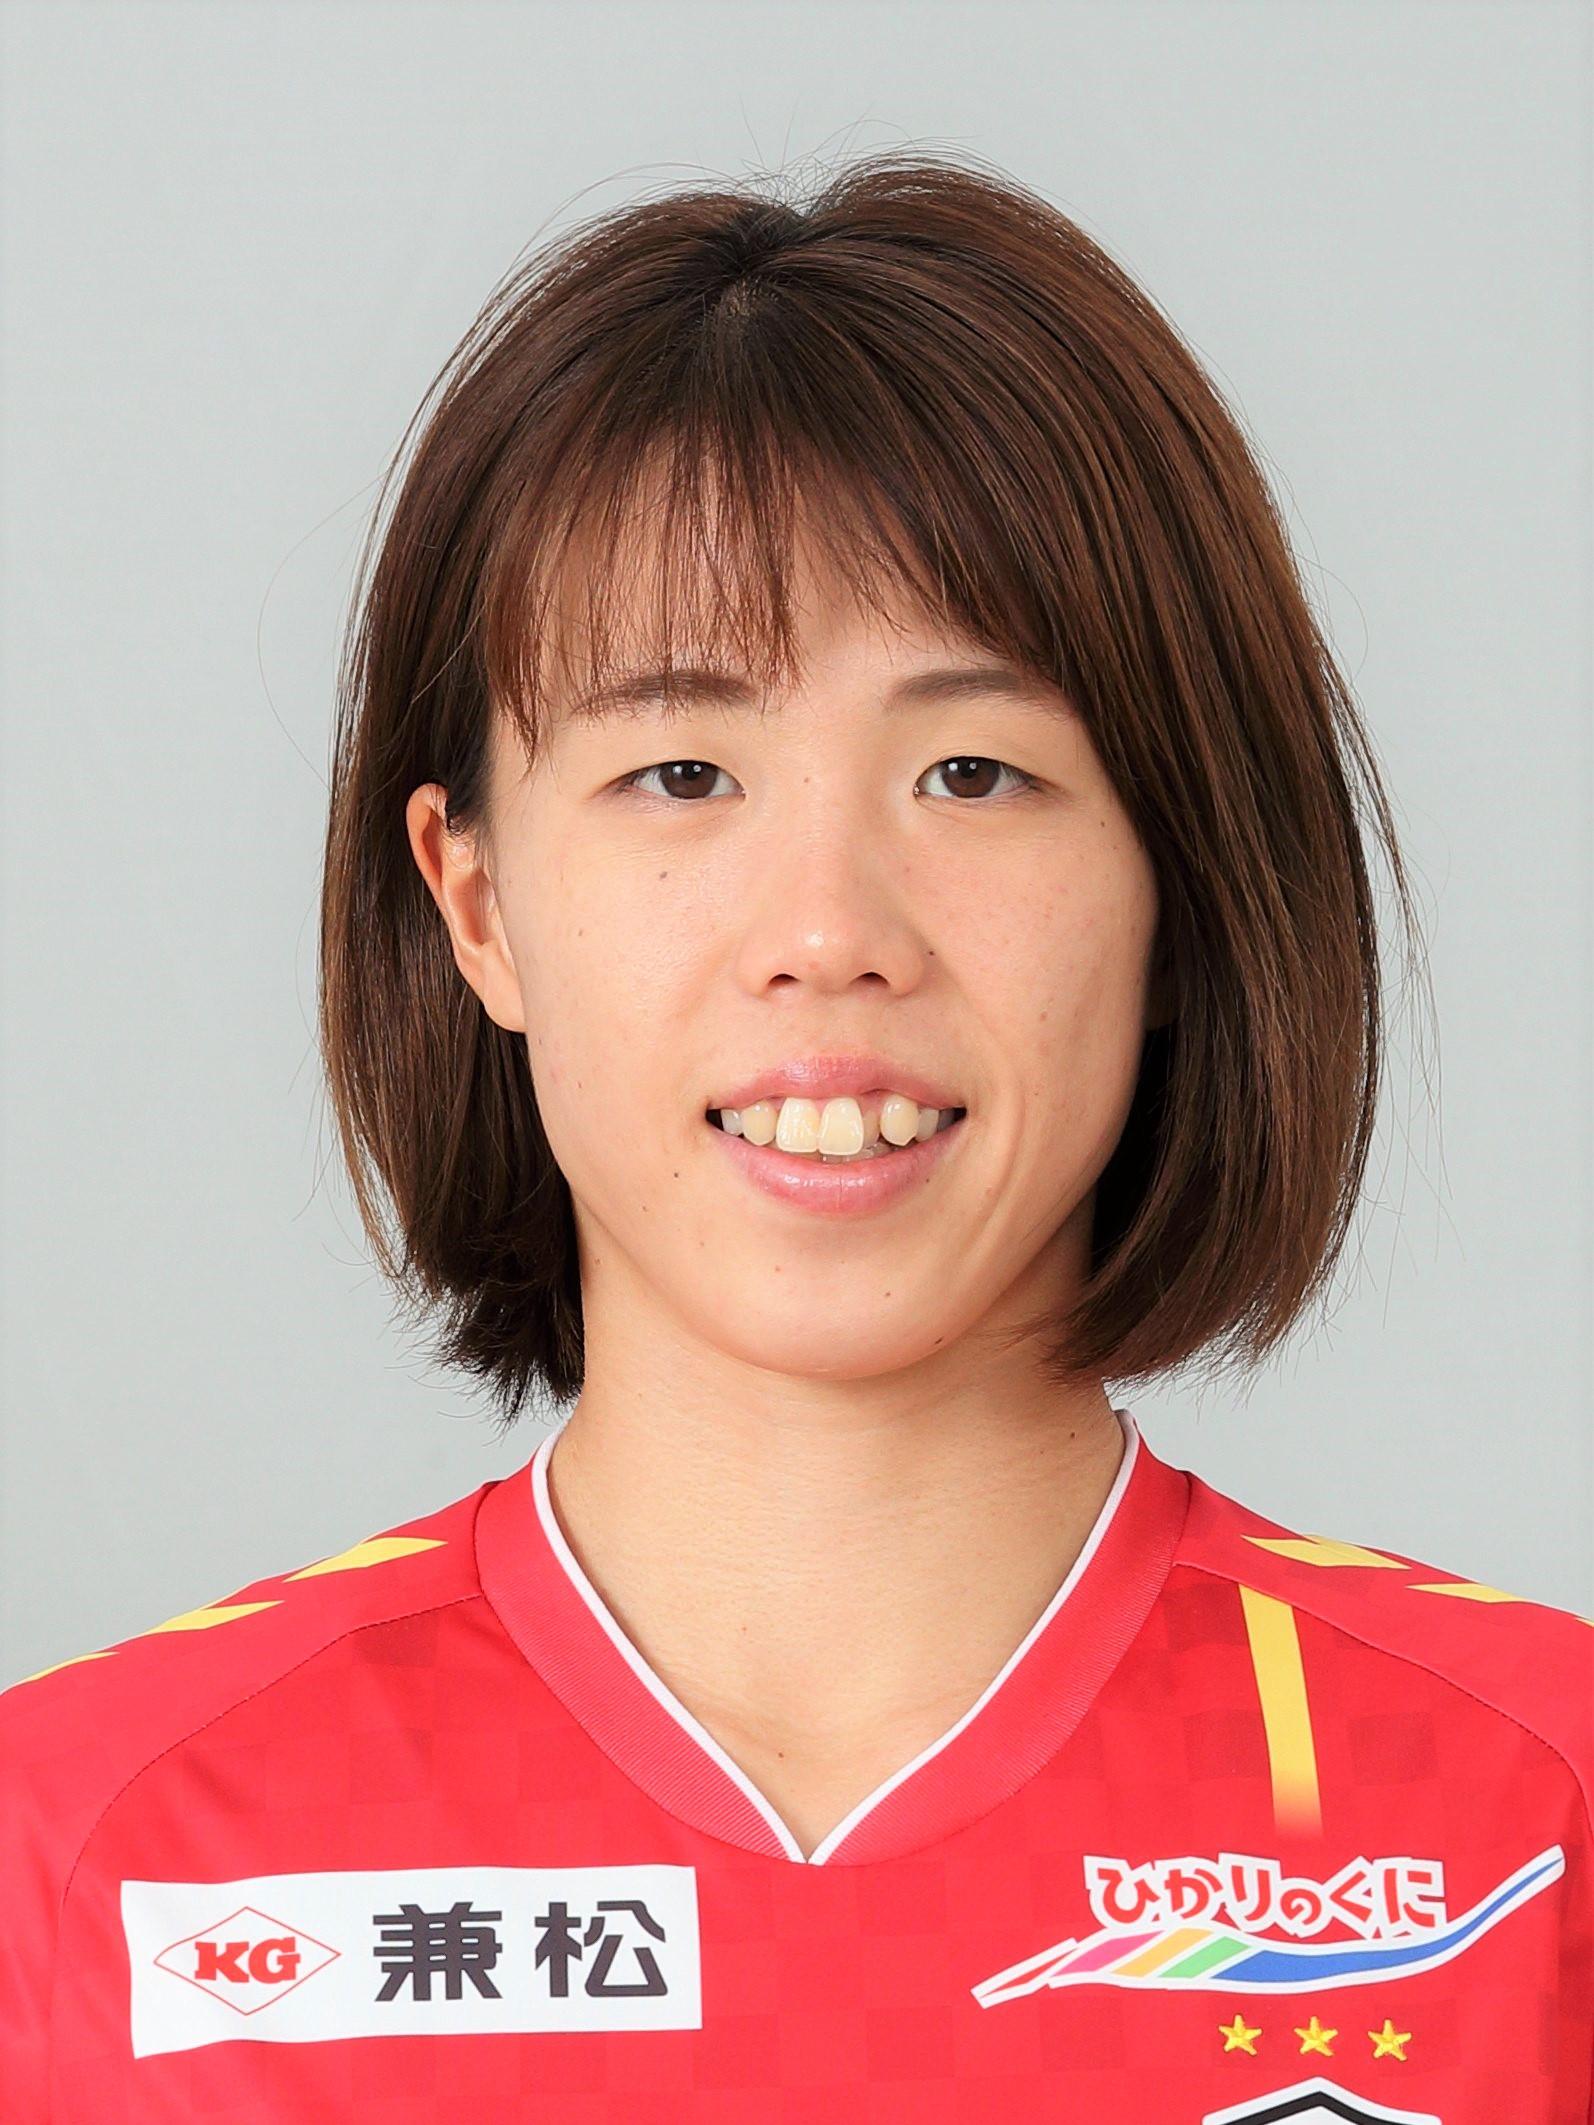 HAPPY BIRTHDAY!! 本日は杉田妃和 選手の誕生日です!